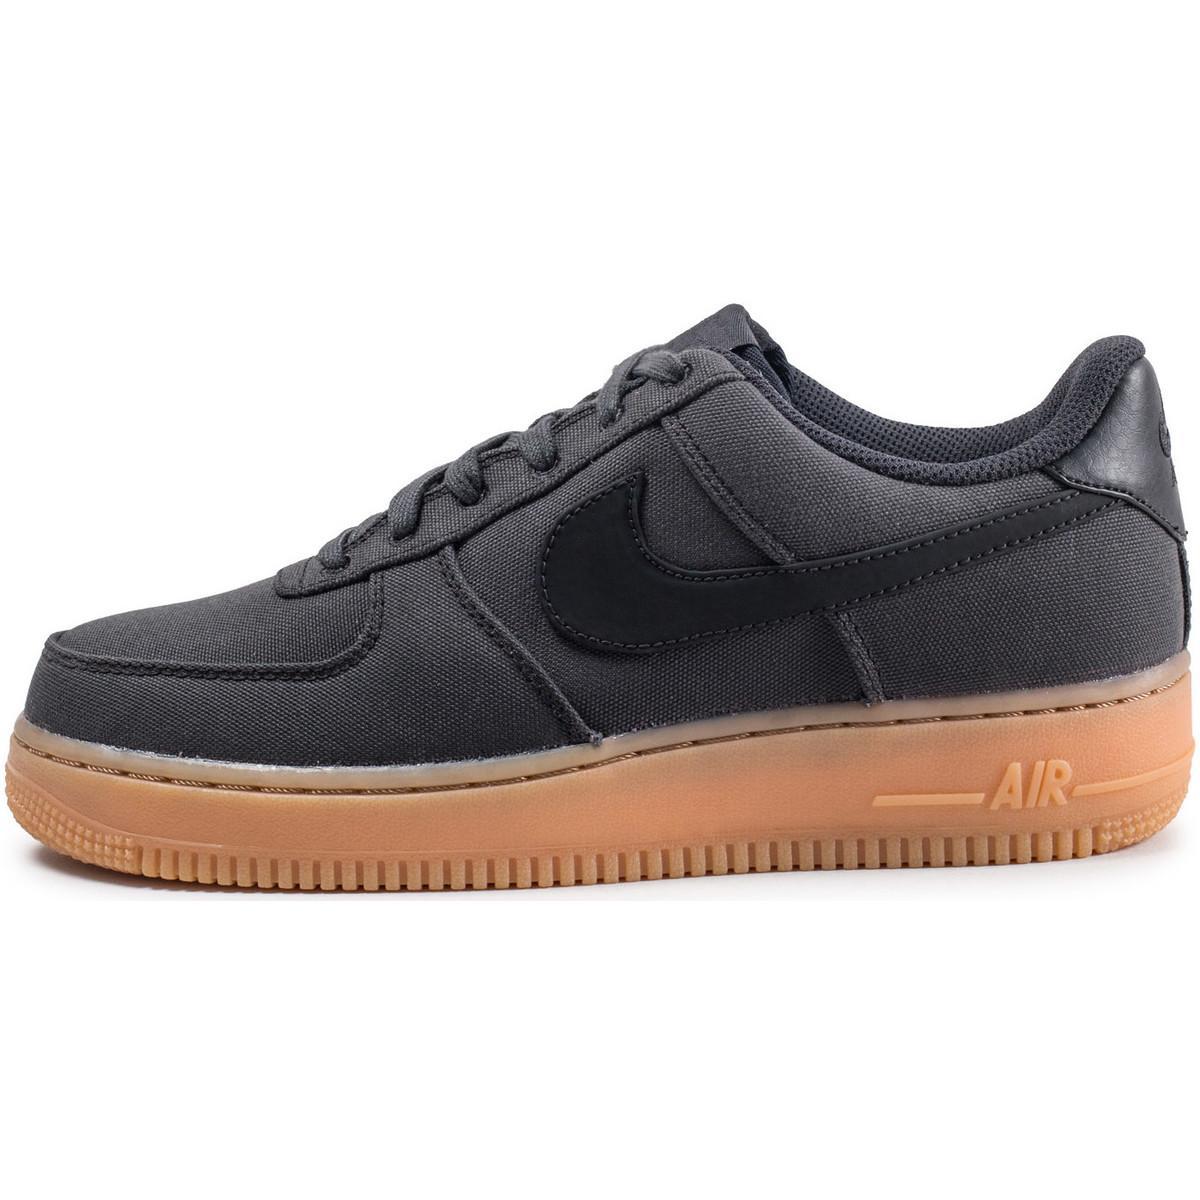 Nike Ž07 Chaussures Lv8 Homme 1 Coloris Style Force Hommes Autres Air Pour En Blue xoCBedrW